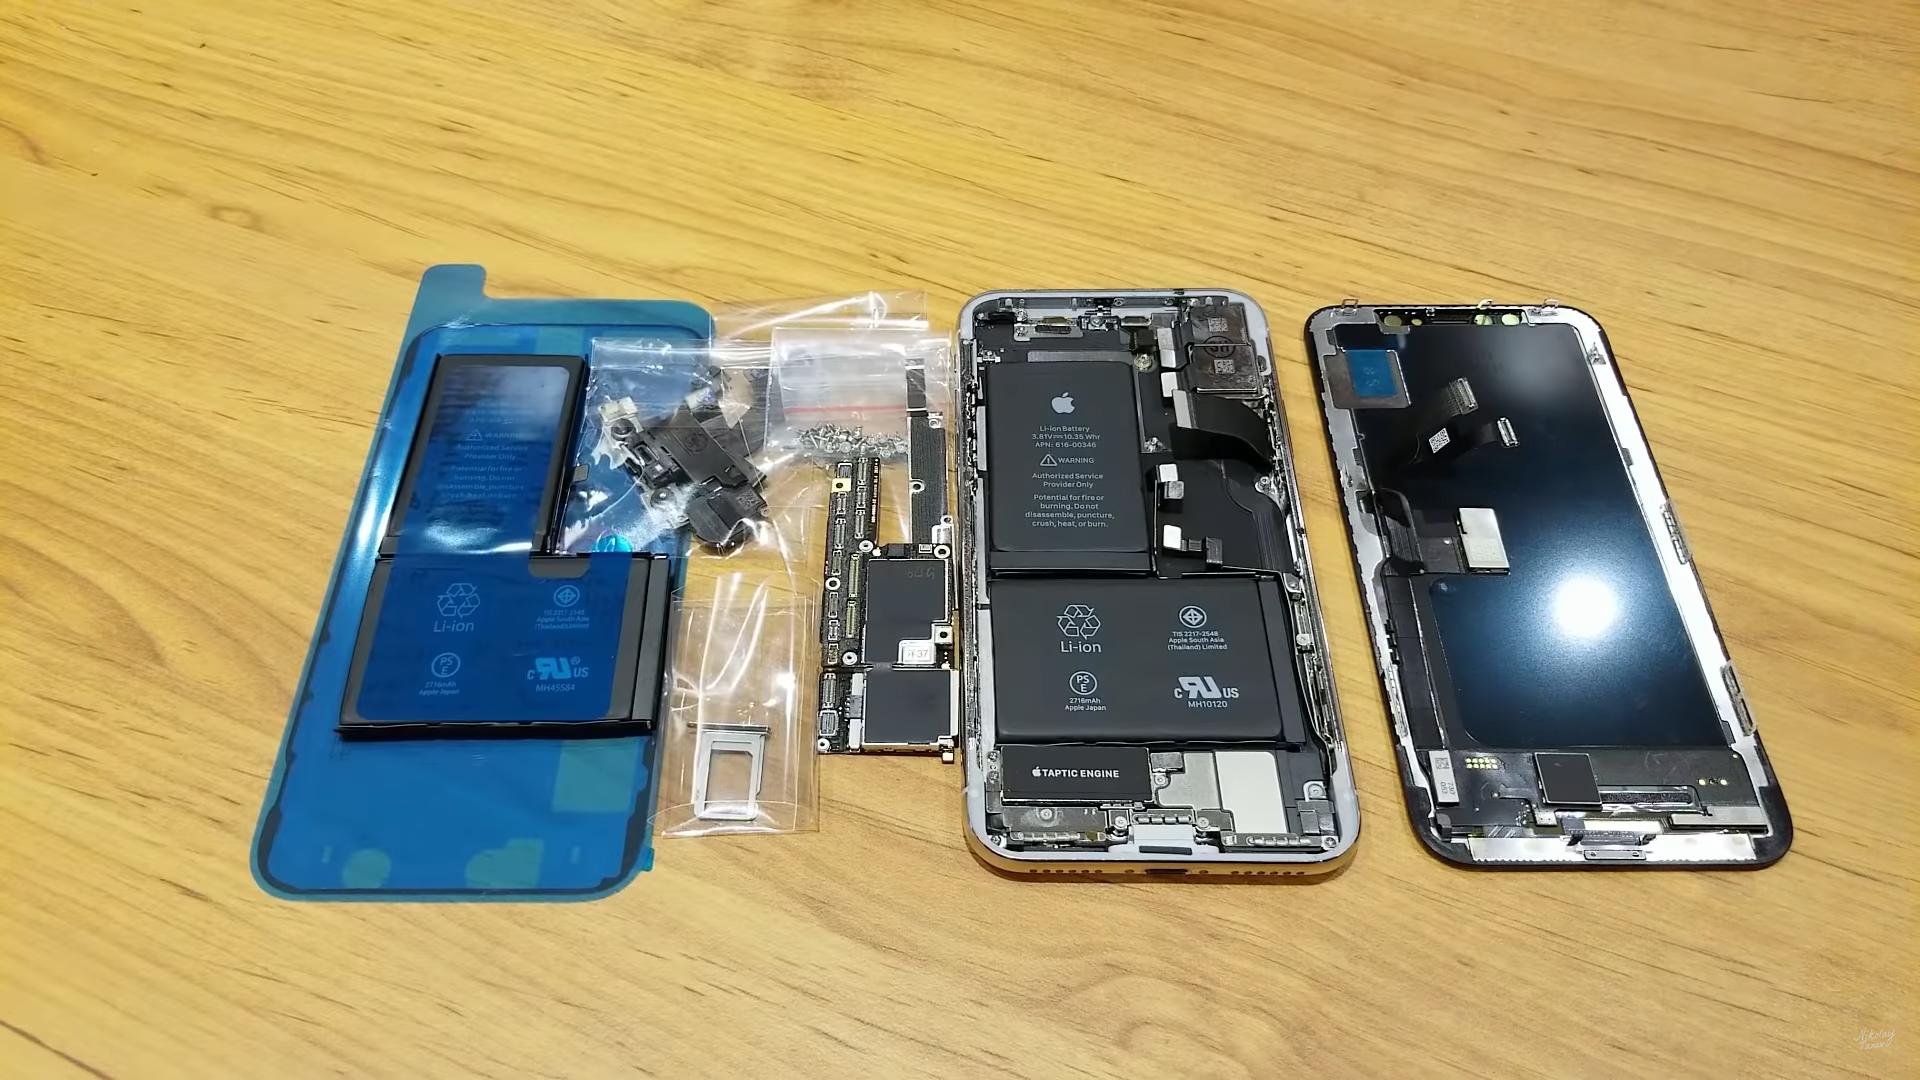 Блогер собрал iPhone X из купленных на китайских рынках запчастей - фото 108   Сервисный центр Total Apple